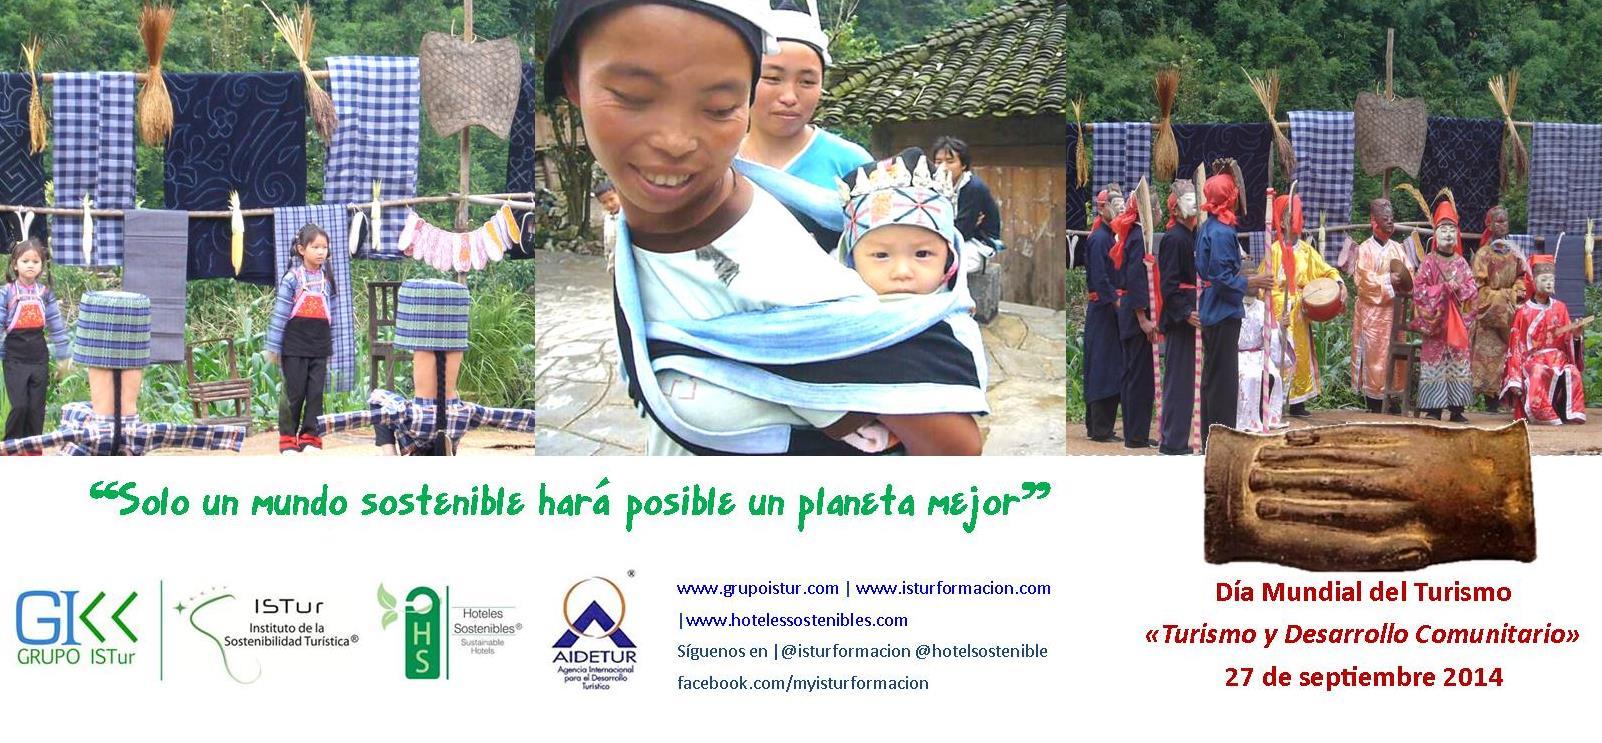 Día Mundial del Turismo «Turismo y Desarrollo Comunitario»